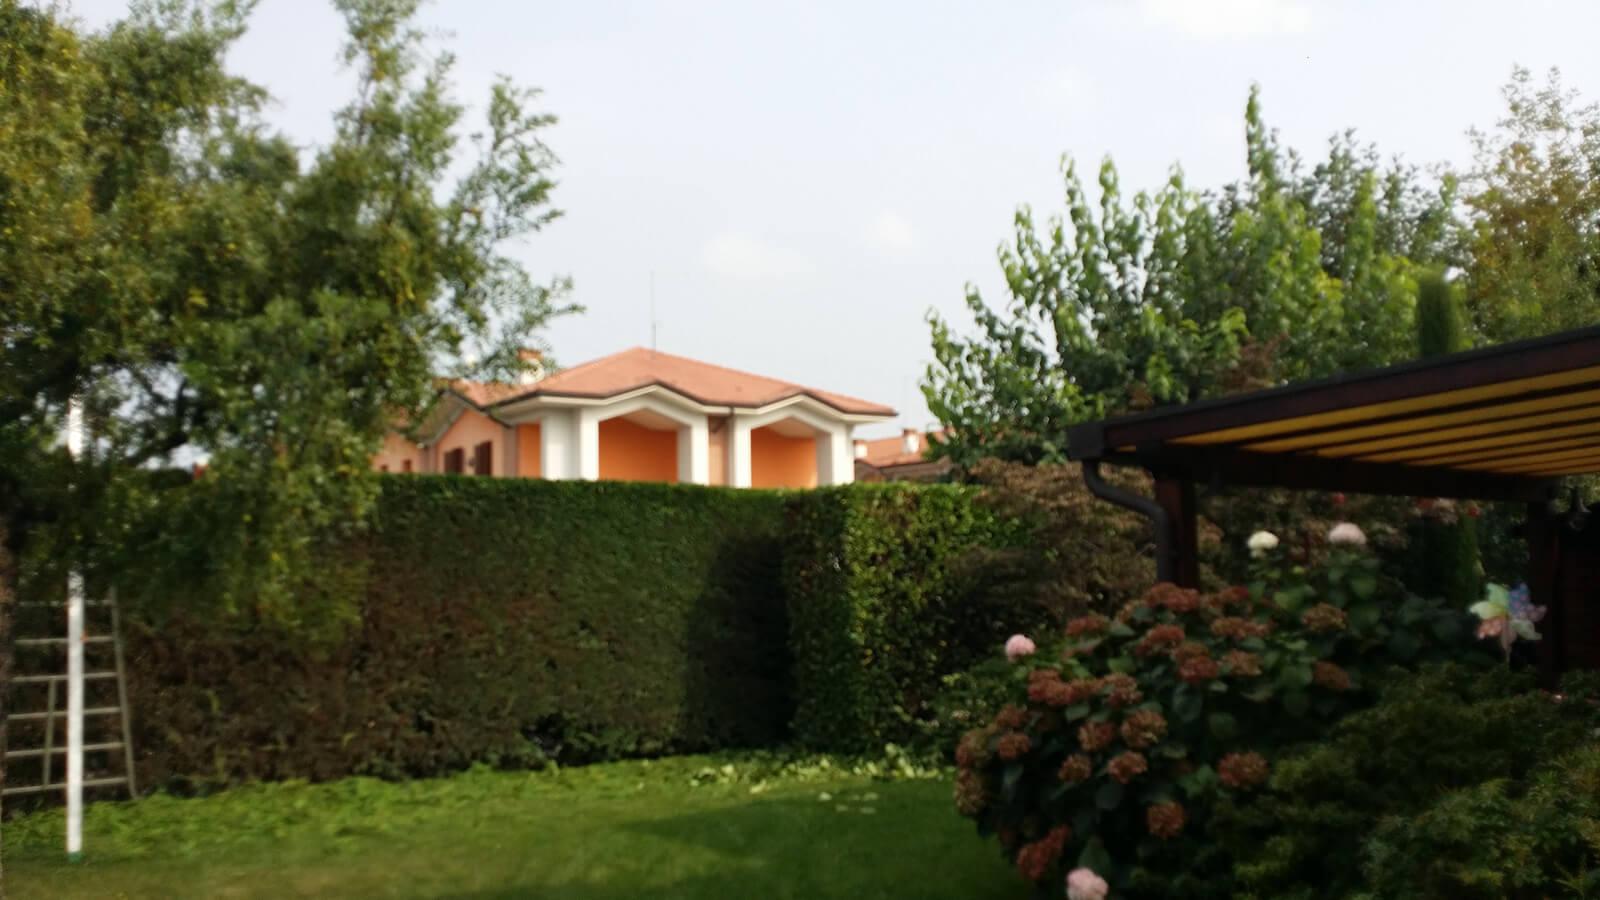 progettazione realizzazione giardini varie - verde blu giardini 1